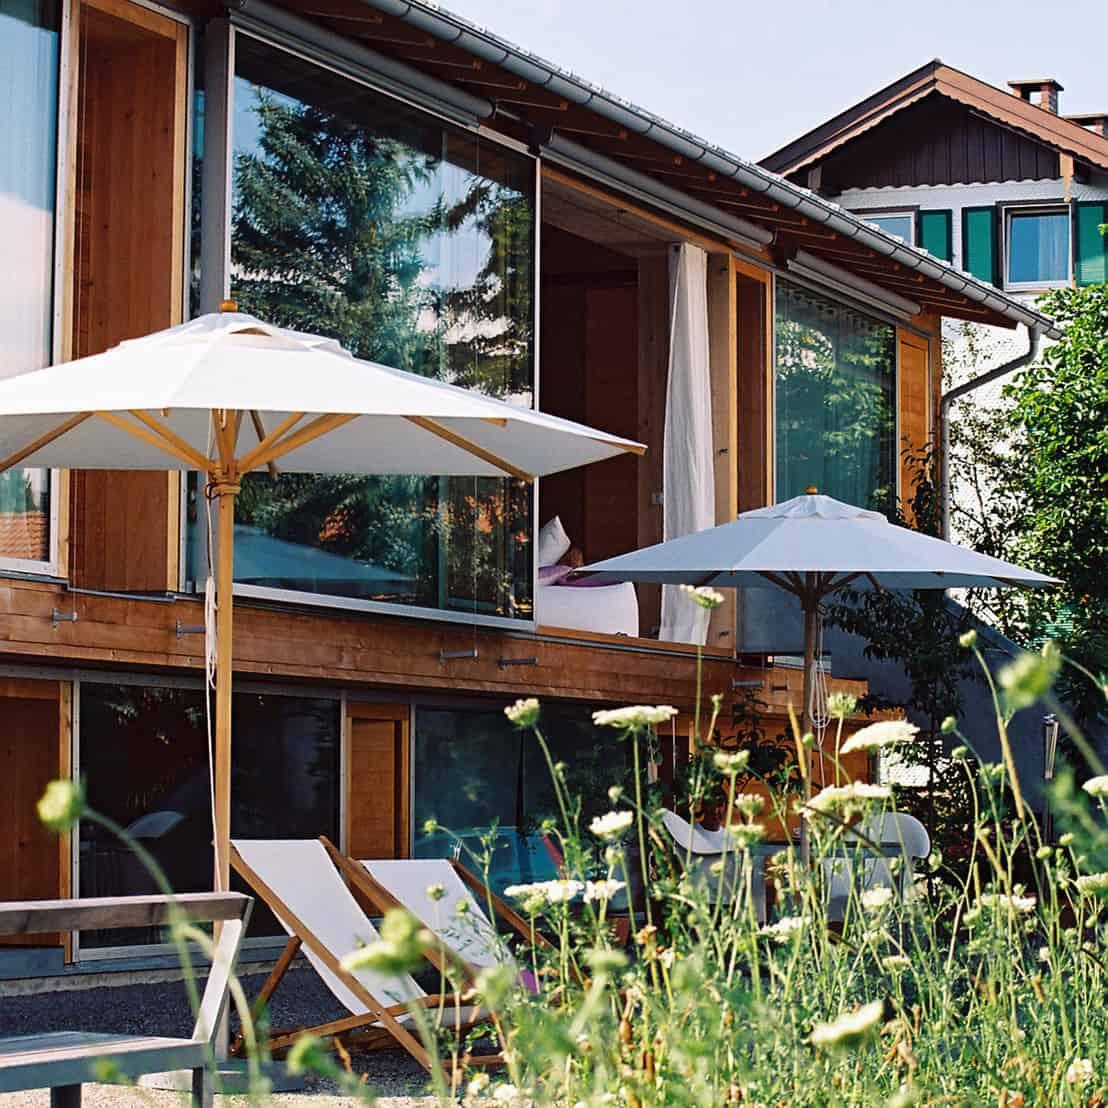 hausbau mit holz nachhaltig und wohnlich. Black Bedroom Furniture Sets. Home Design Ideas